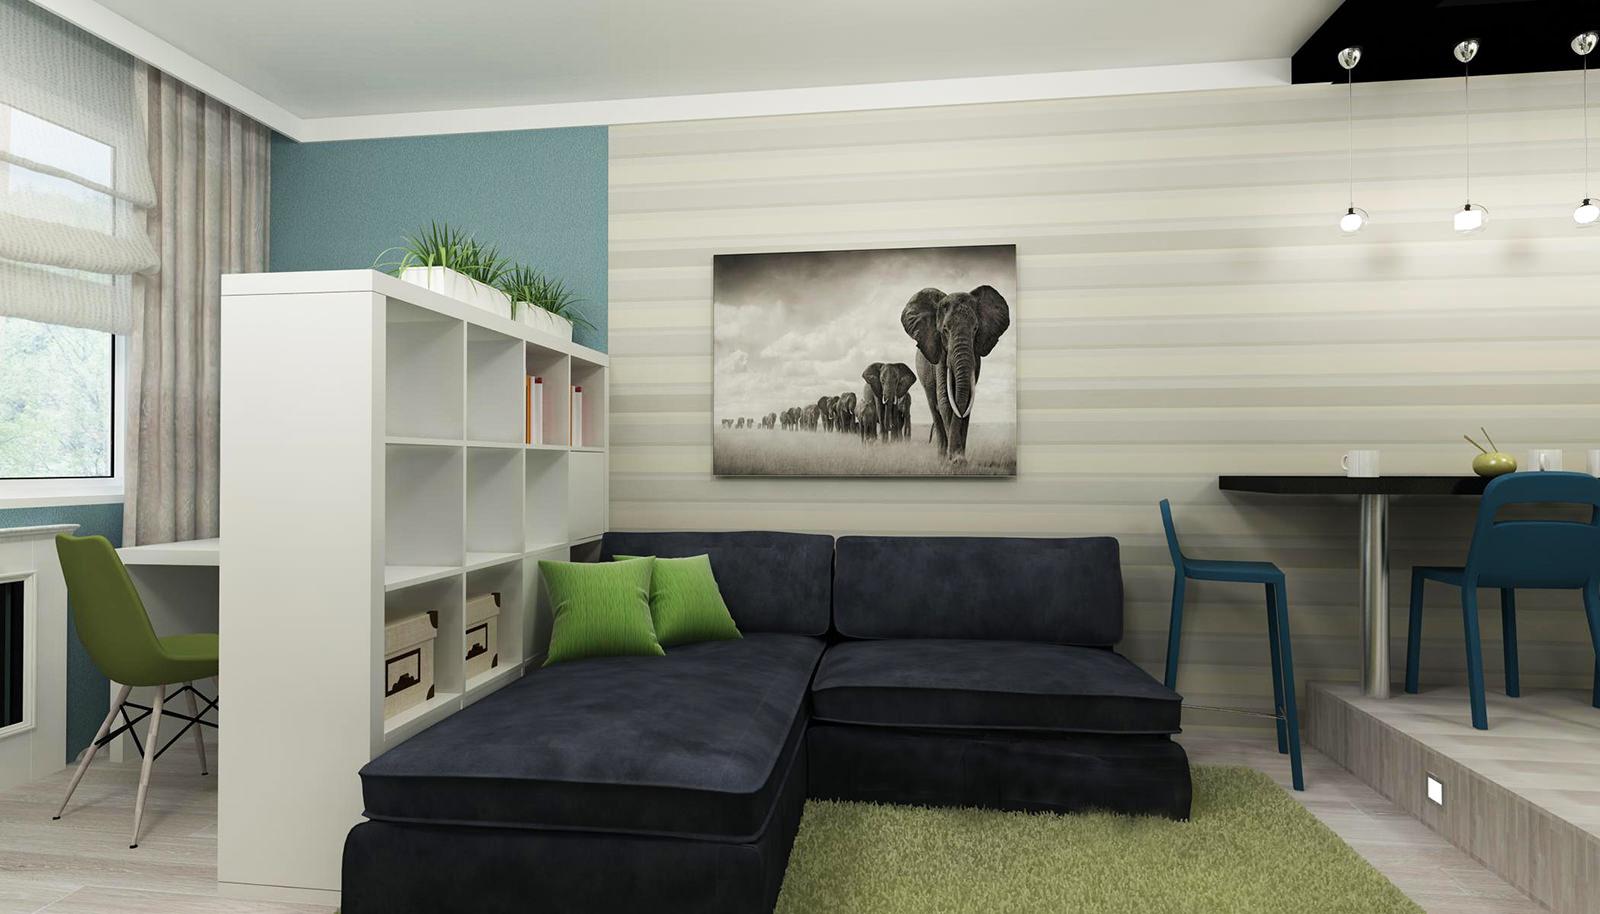 Как обустроить маленькую квартиру-студию фото, советы по 59